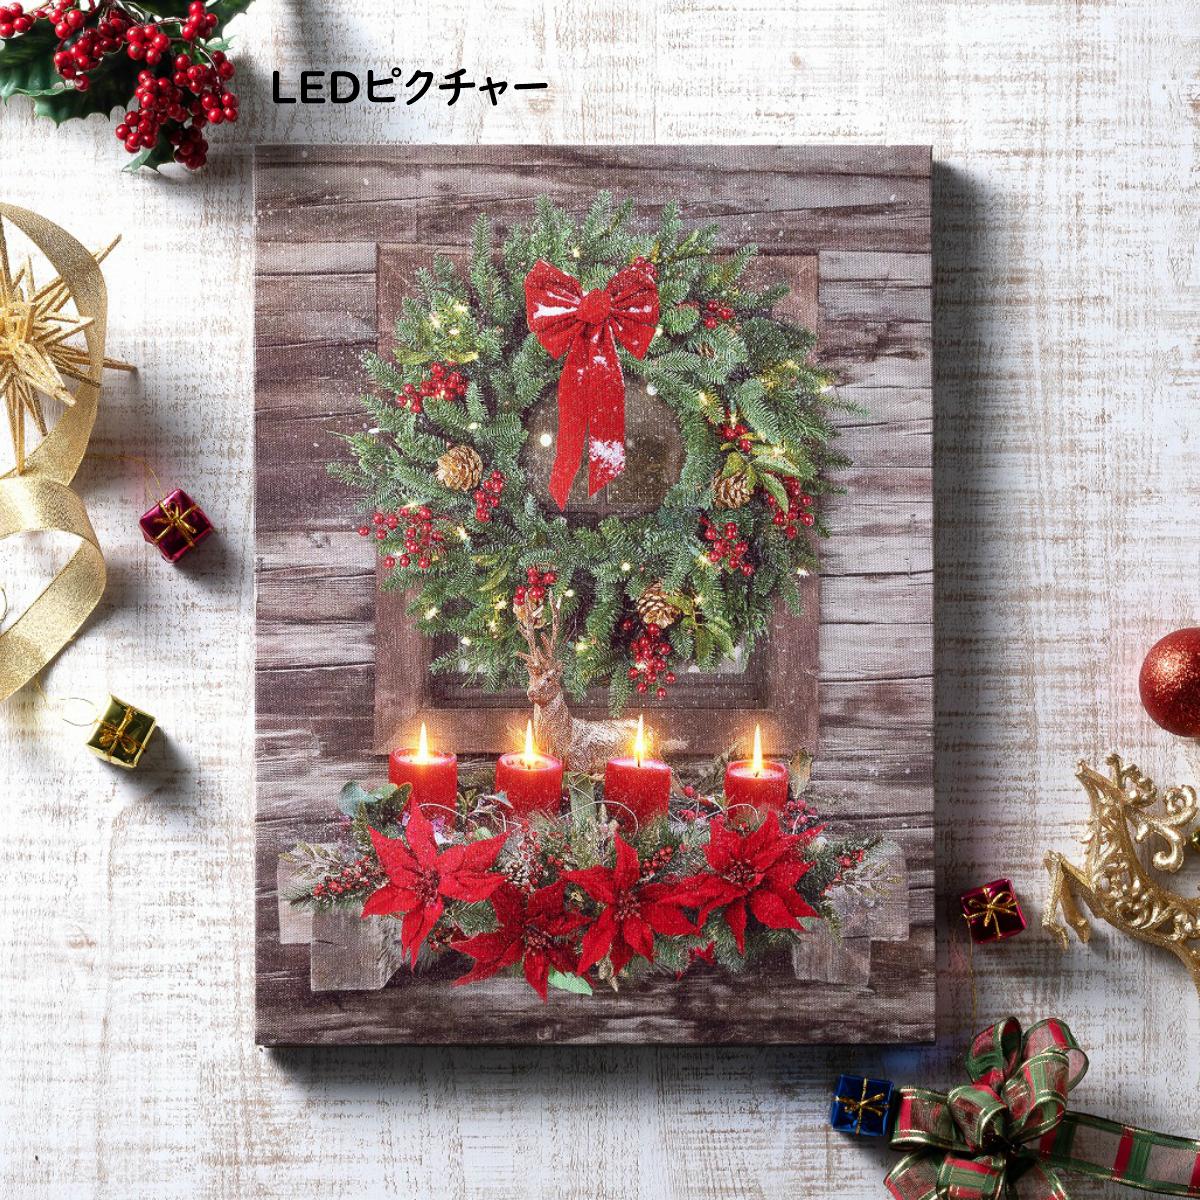 壁掛けでも卓上でも飾れます スーパーセール 限定 900円OFF クーポン利用でさらに100円OFF 送料無料 プレゼント LEDピクチャー クリスマス飾り クリスマスツリー クリスマスリース ギフト ライト 大特価 ラッピング 玄関 LED おしゃれ 人気 おすすめ 壁掛け 激安特価品 クリスマスプレゼント イルミネーション